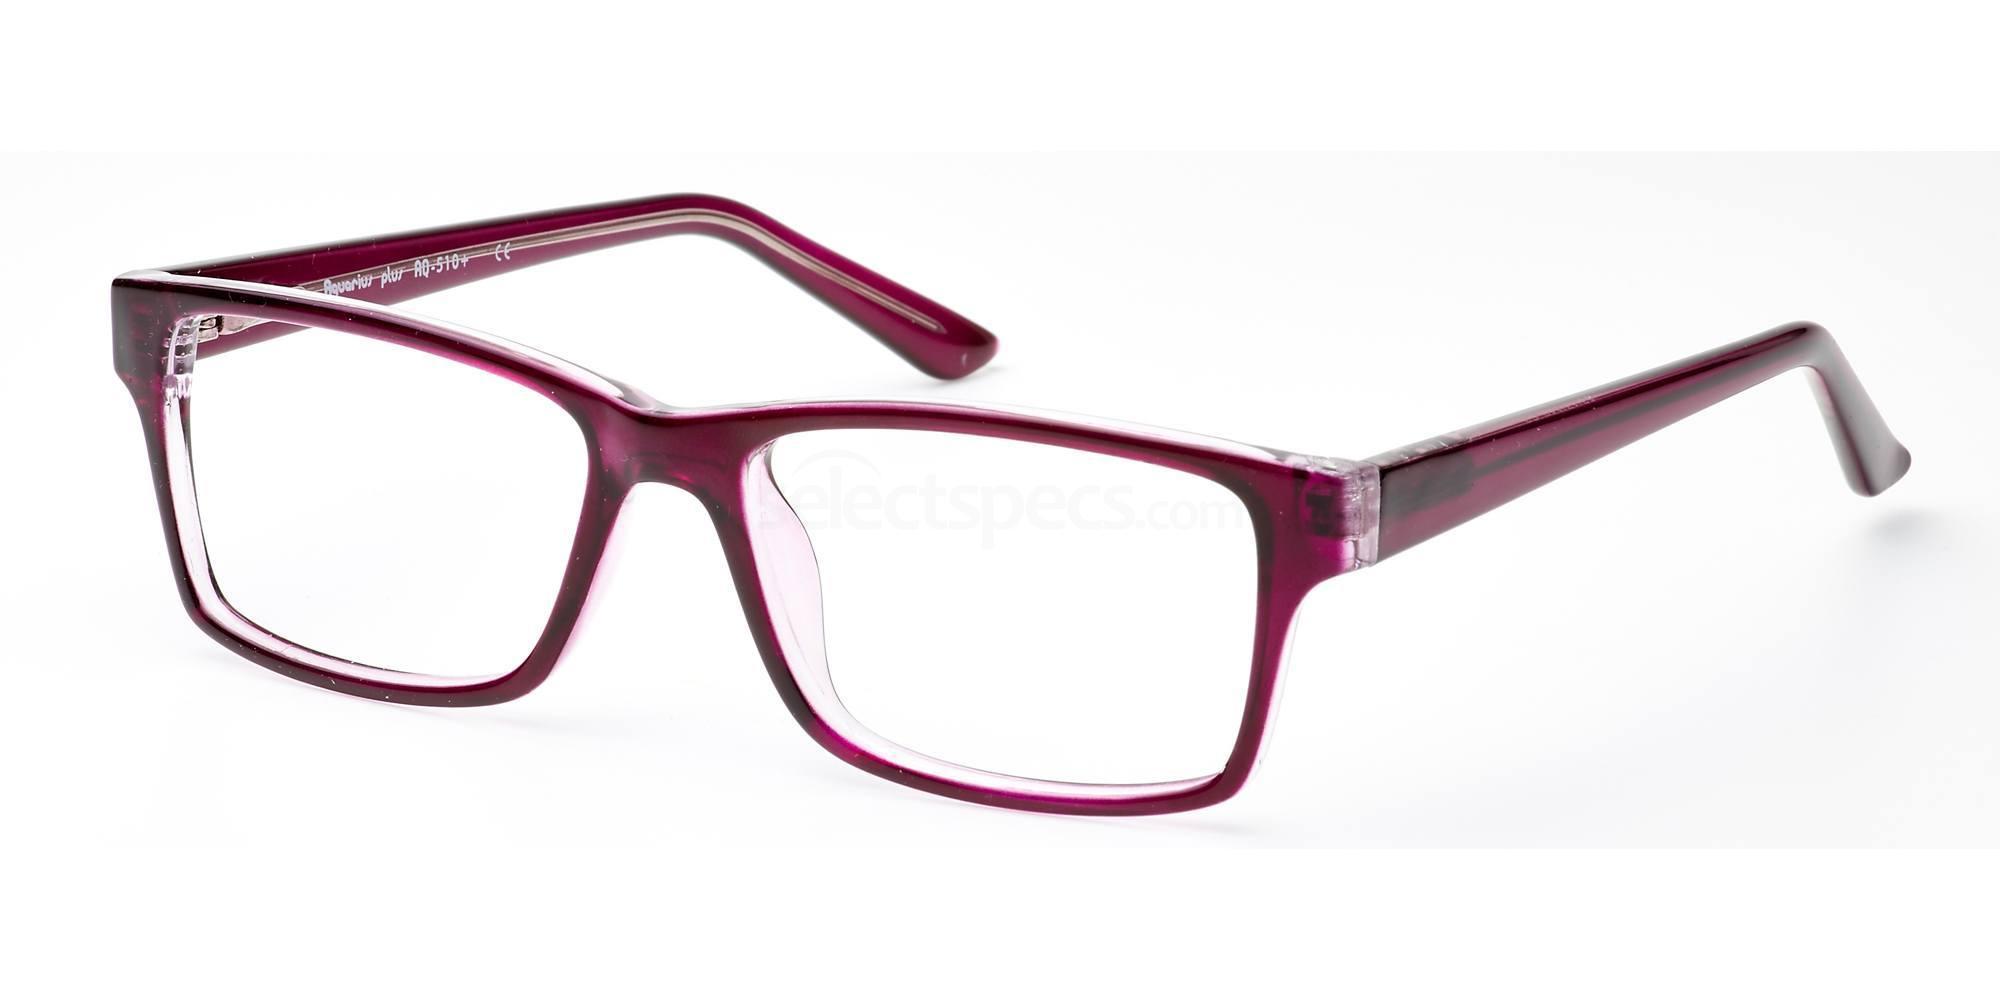 C3 AQ+510 Glasses, Aquarius+